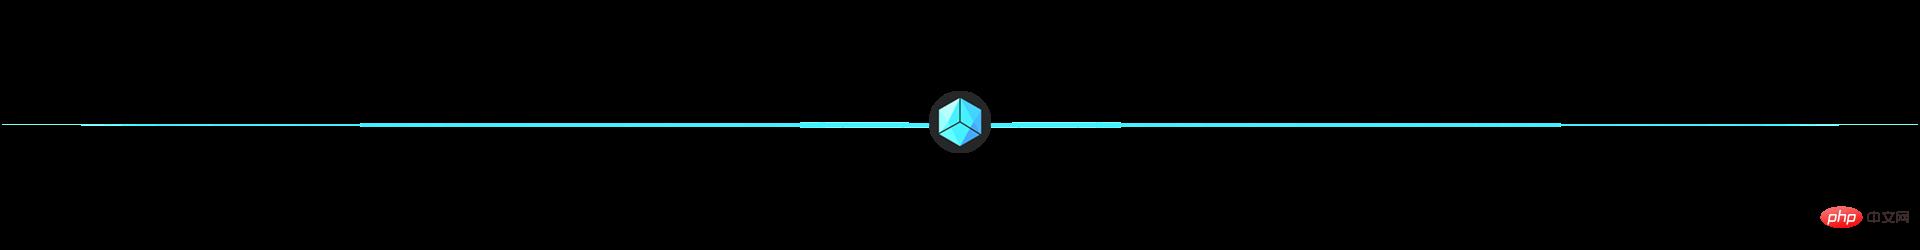 重学JavaScript 对象_编程技术_亿码酷站插图4